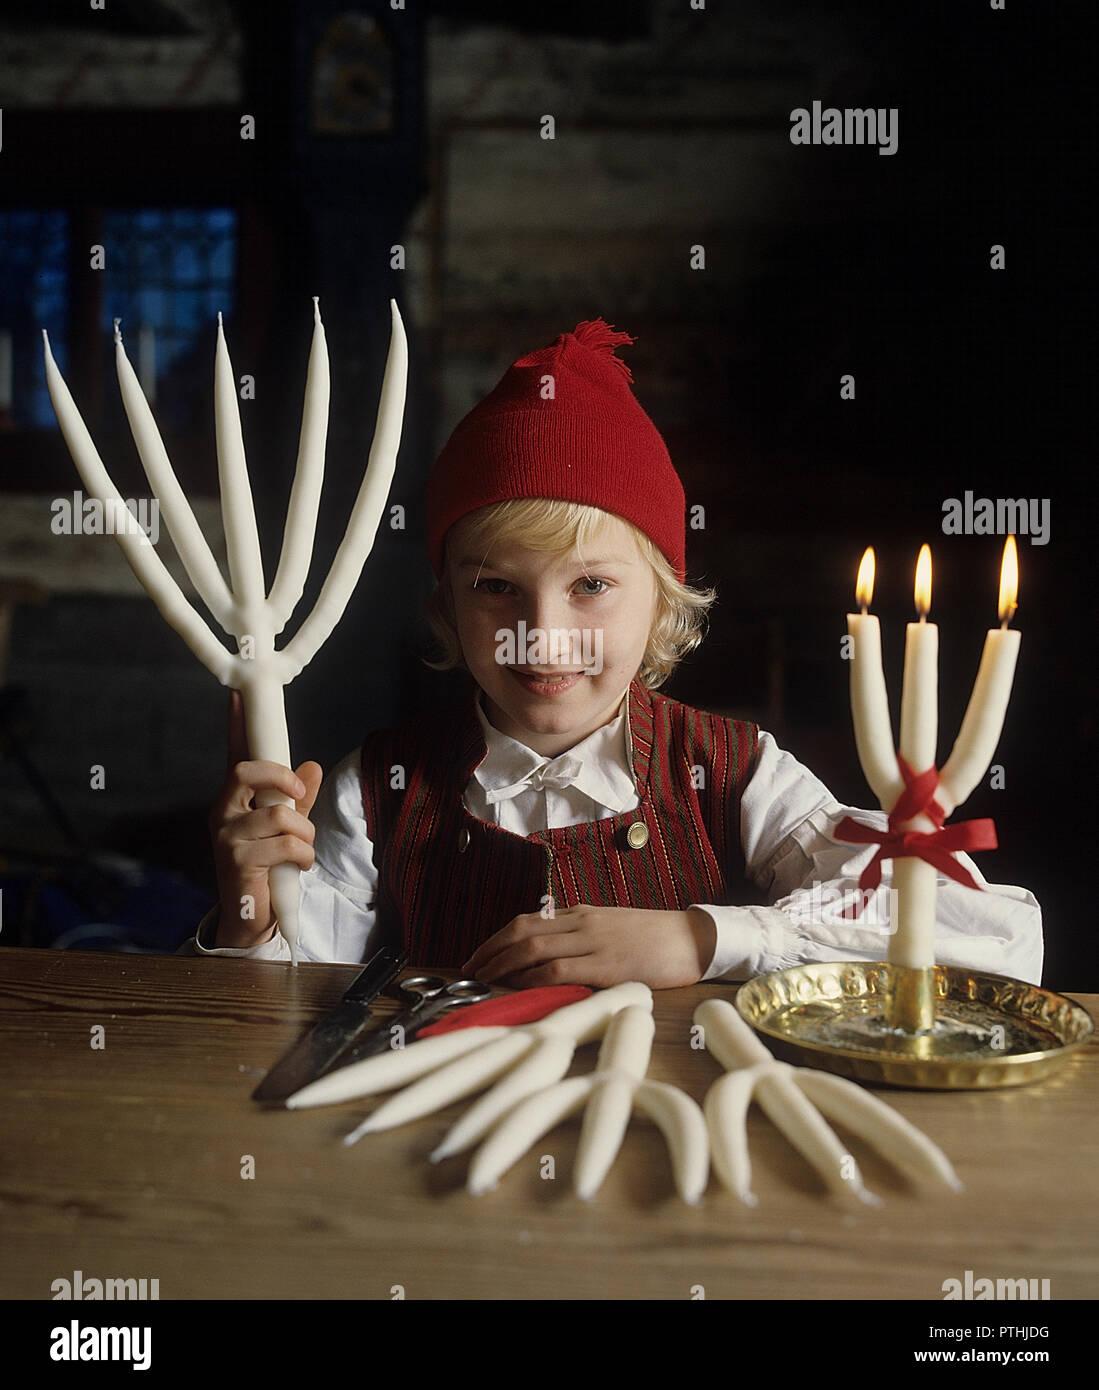 Kerzen machen. Ein Junge in der traditionellen schwedischen Tracht gekleidet, hält einen handgefertigten stearin Kerze. Sie tauchen den Docht in das flüssige Stearin viele Male, und Layer hinzufügen auf Schicht aus Stearin auf den Candel, bis er fertig ist. Diese Kerze mit fünf Arme ist eine alte schwedische handgefertigte Kerze Tradition. Stockbild